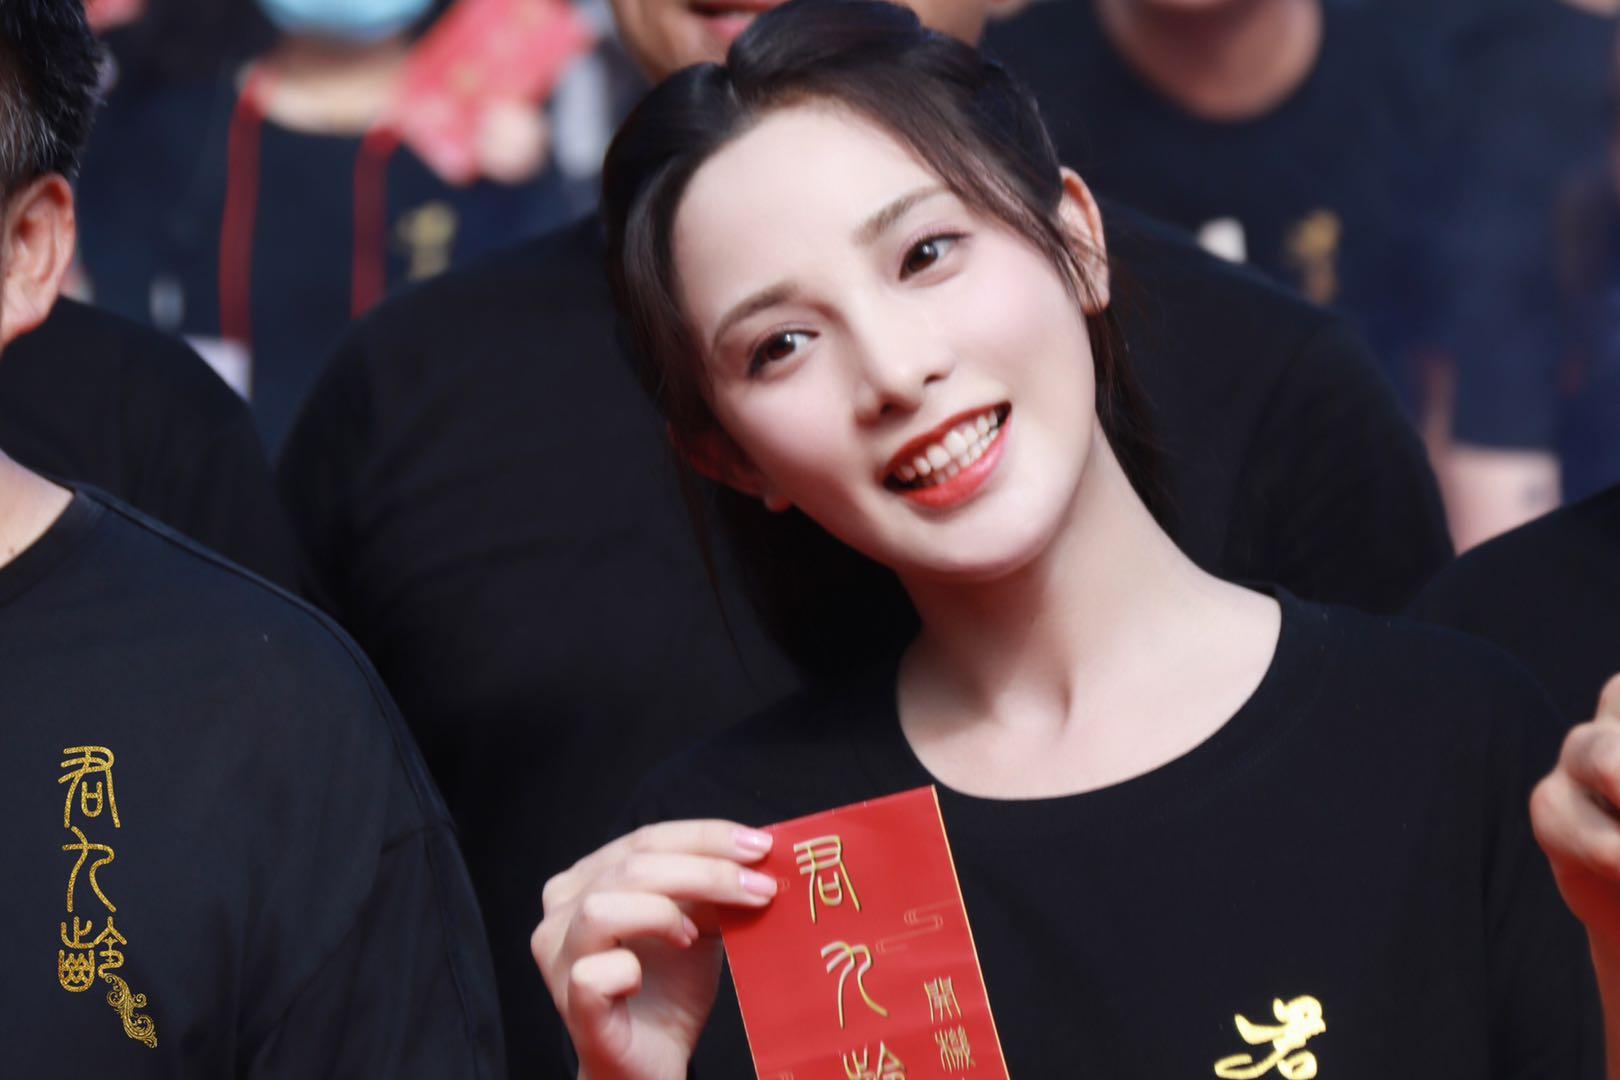 彭小苒新剧《君九龄》开机值得期待